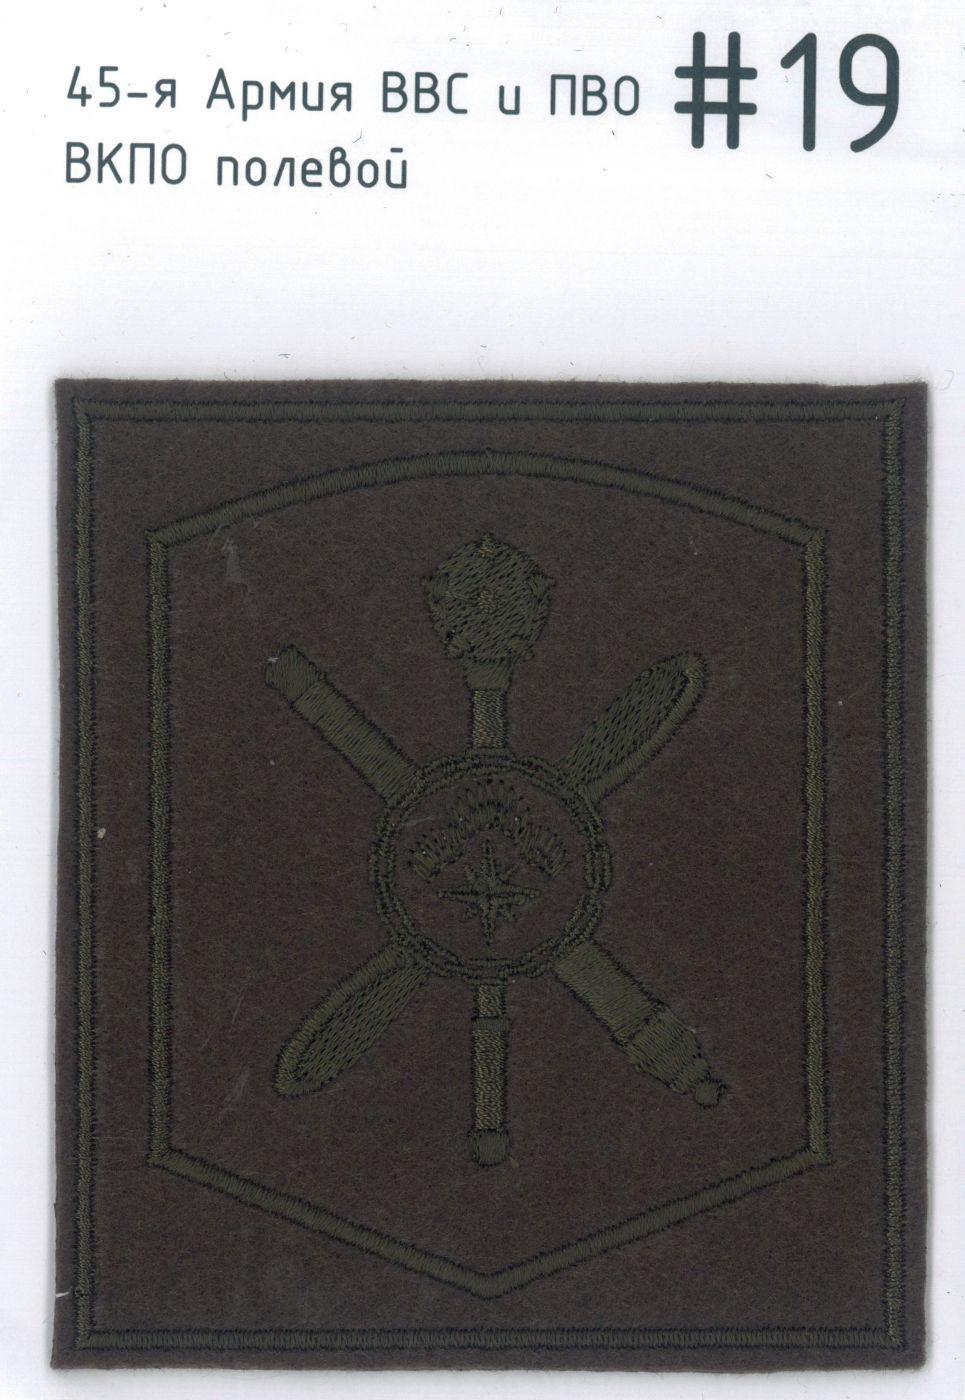 Шеврон 45-я Армия ВВС и ПВО ВКПО полевой.